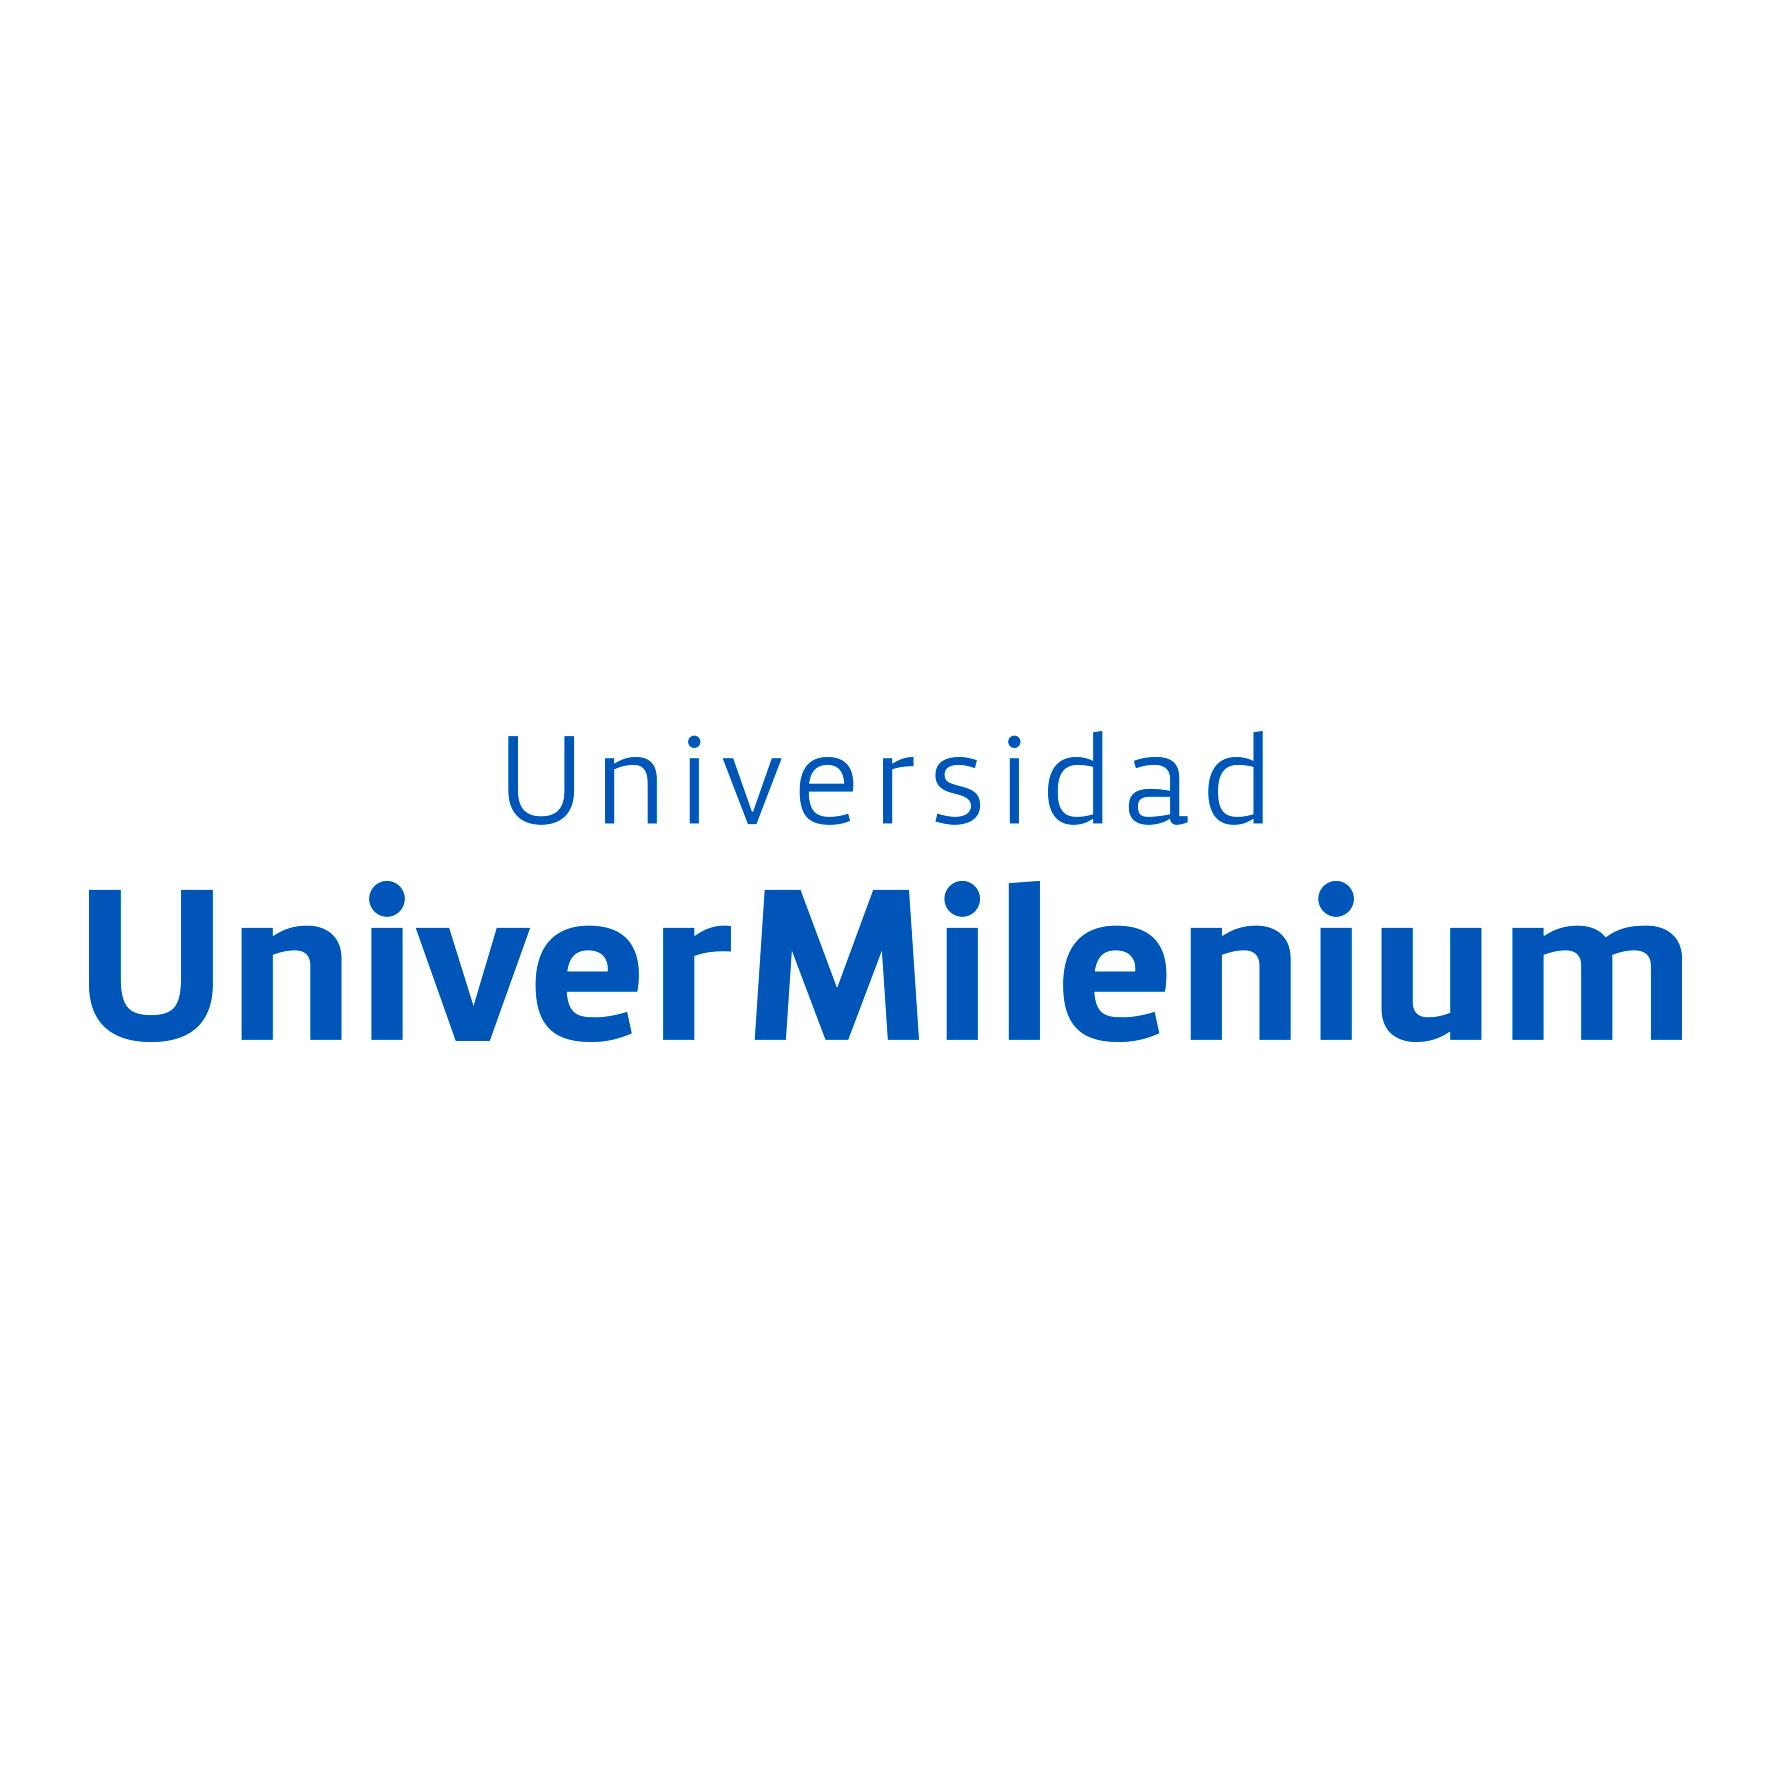 Universidad UniverMilenium